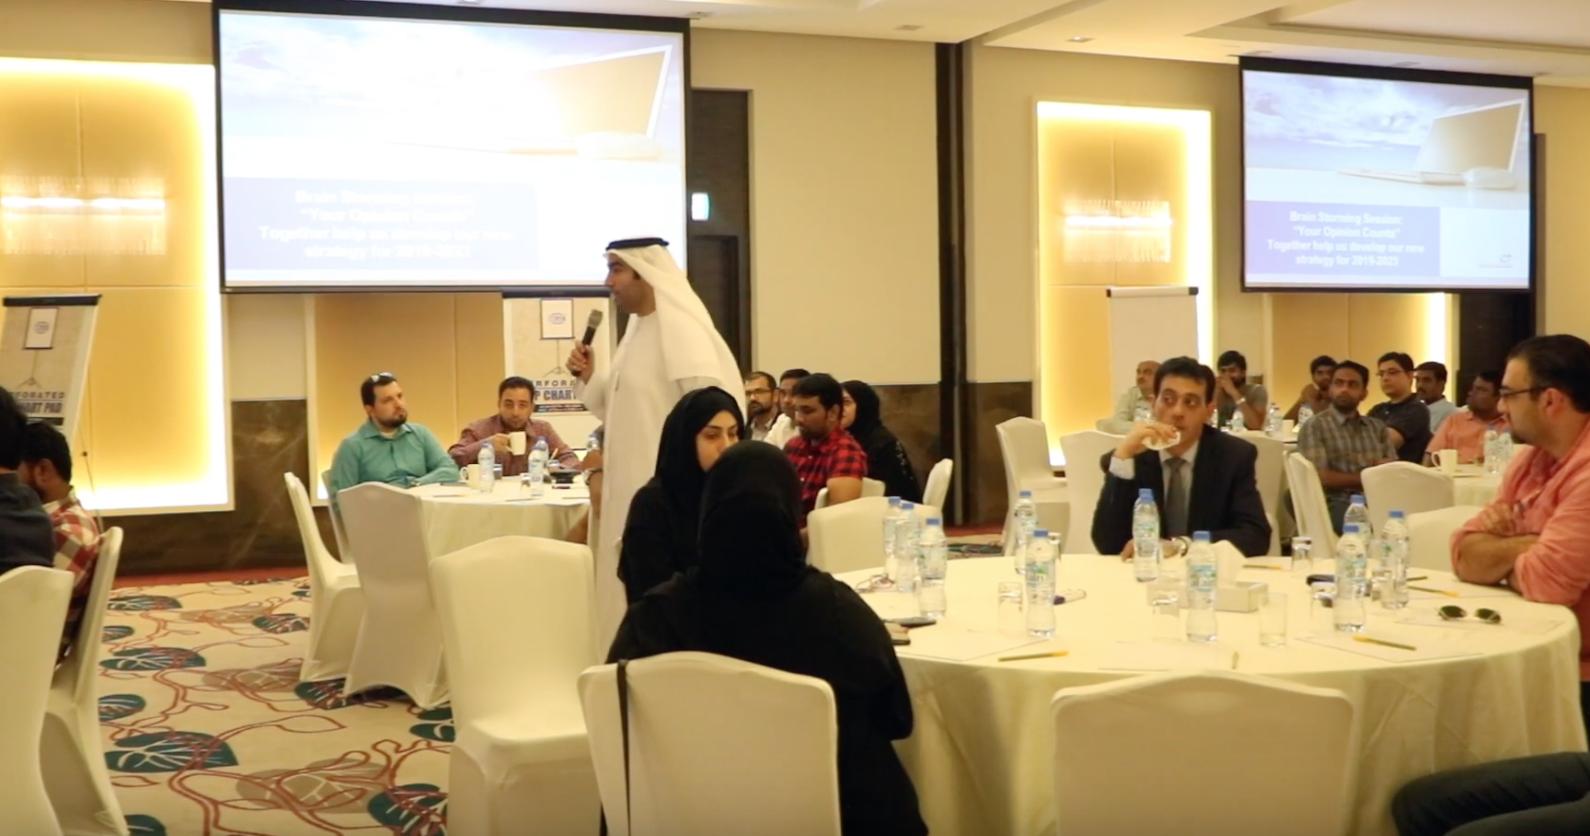 ورشة عصف ذهني لتطوير الخطة الإستراتيجية 2019-2021